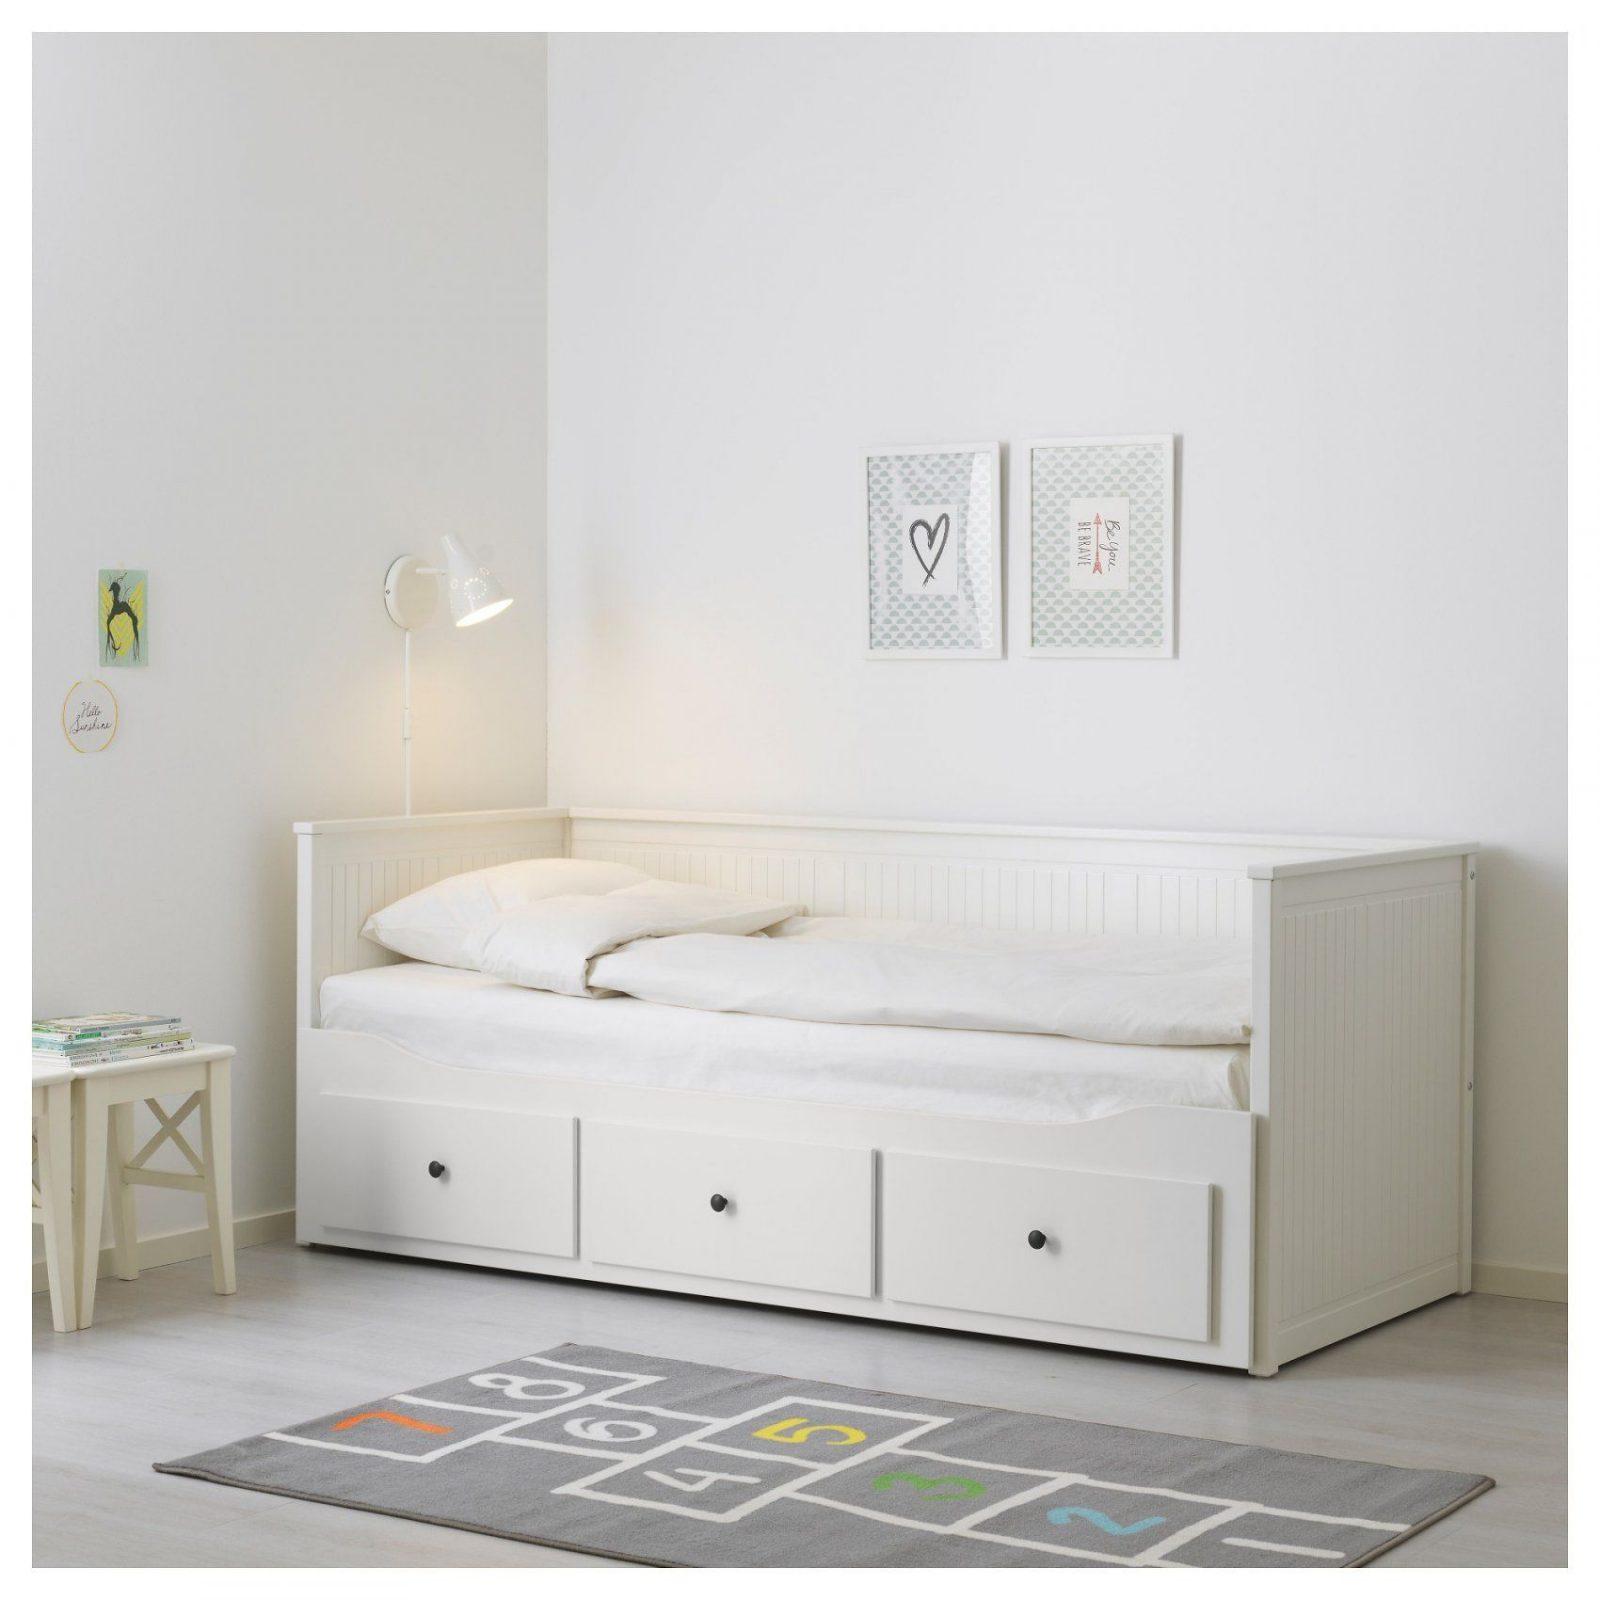 andere und gebraucht ikea hemnes bett tagesbett weiss schubladen in von ikea hemnes bett. Black Bedroom Furniture Sets. Home Design Ideas